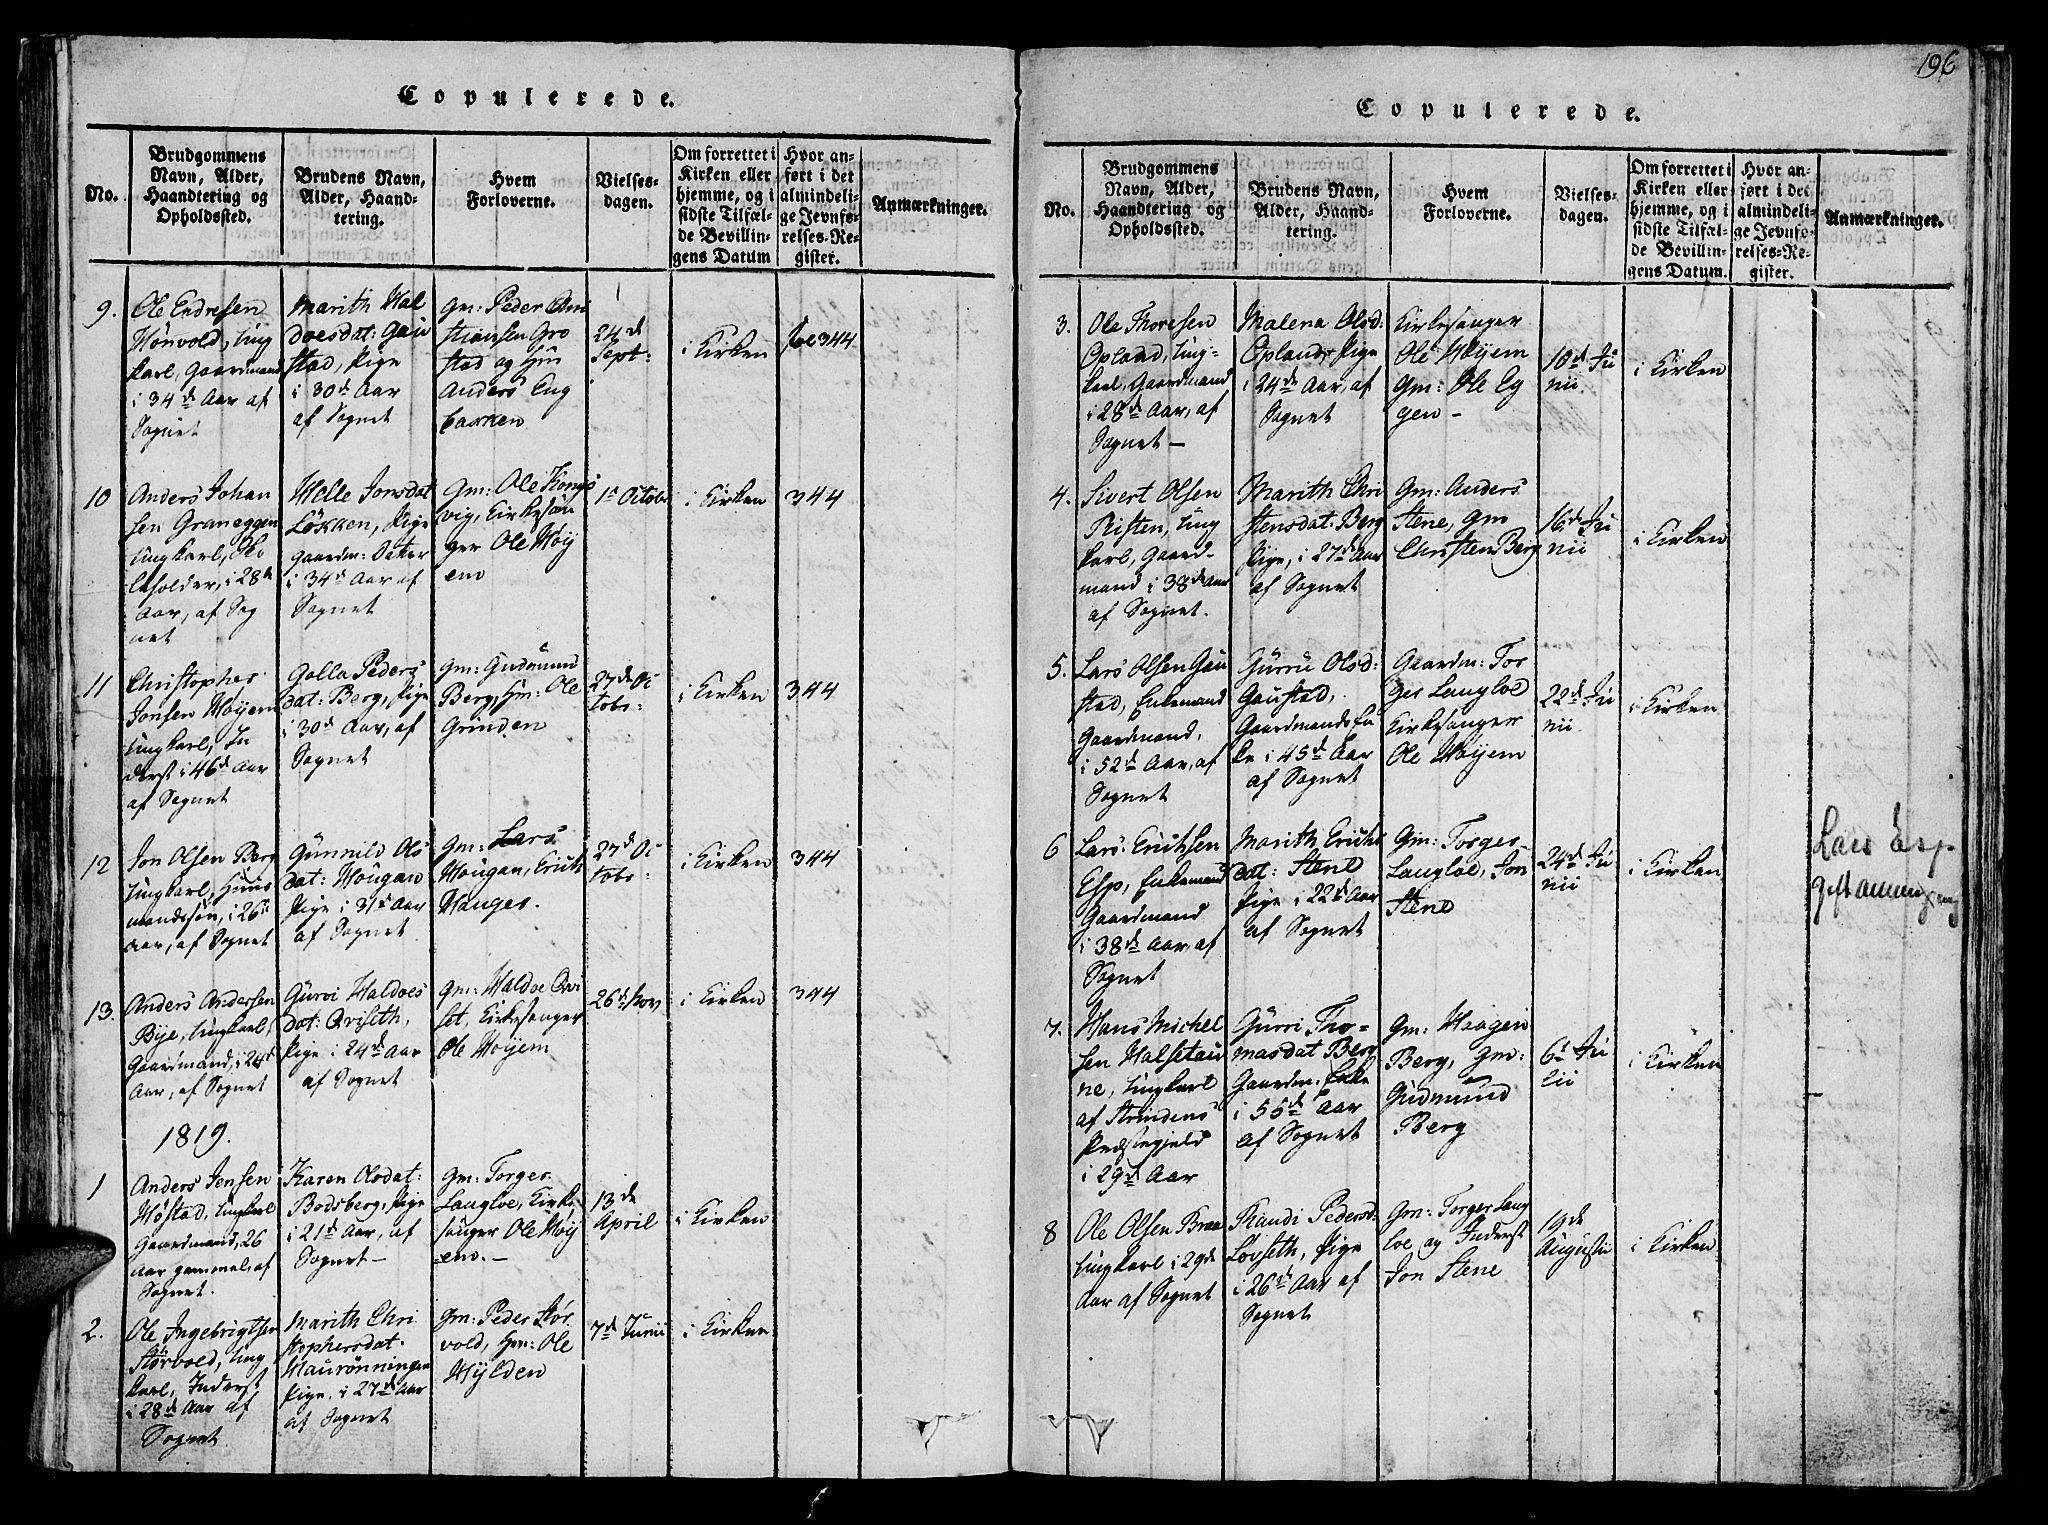 SAT, Ministerialprotokoller, klokkerbøker og fødselsregistre - Sør-Trøndelag, 612/L0372: Ministerialbok nr. 612A06 /1, 1816-1828, s. 196